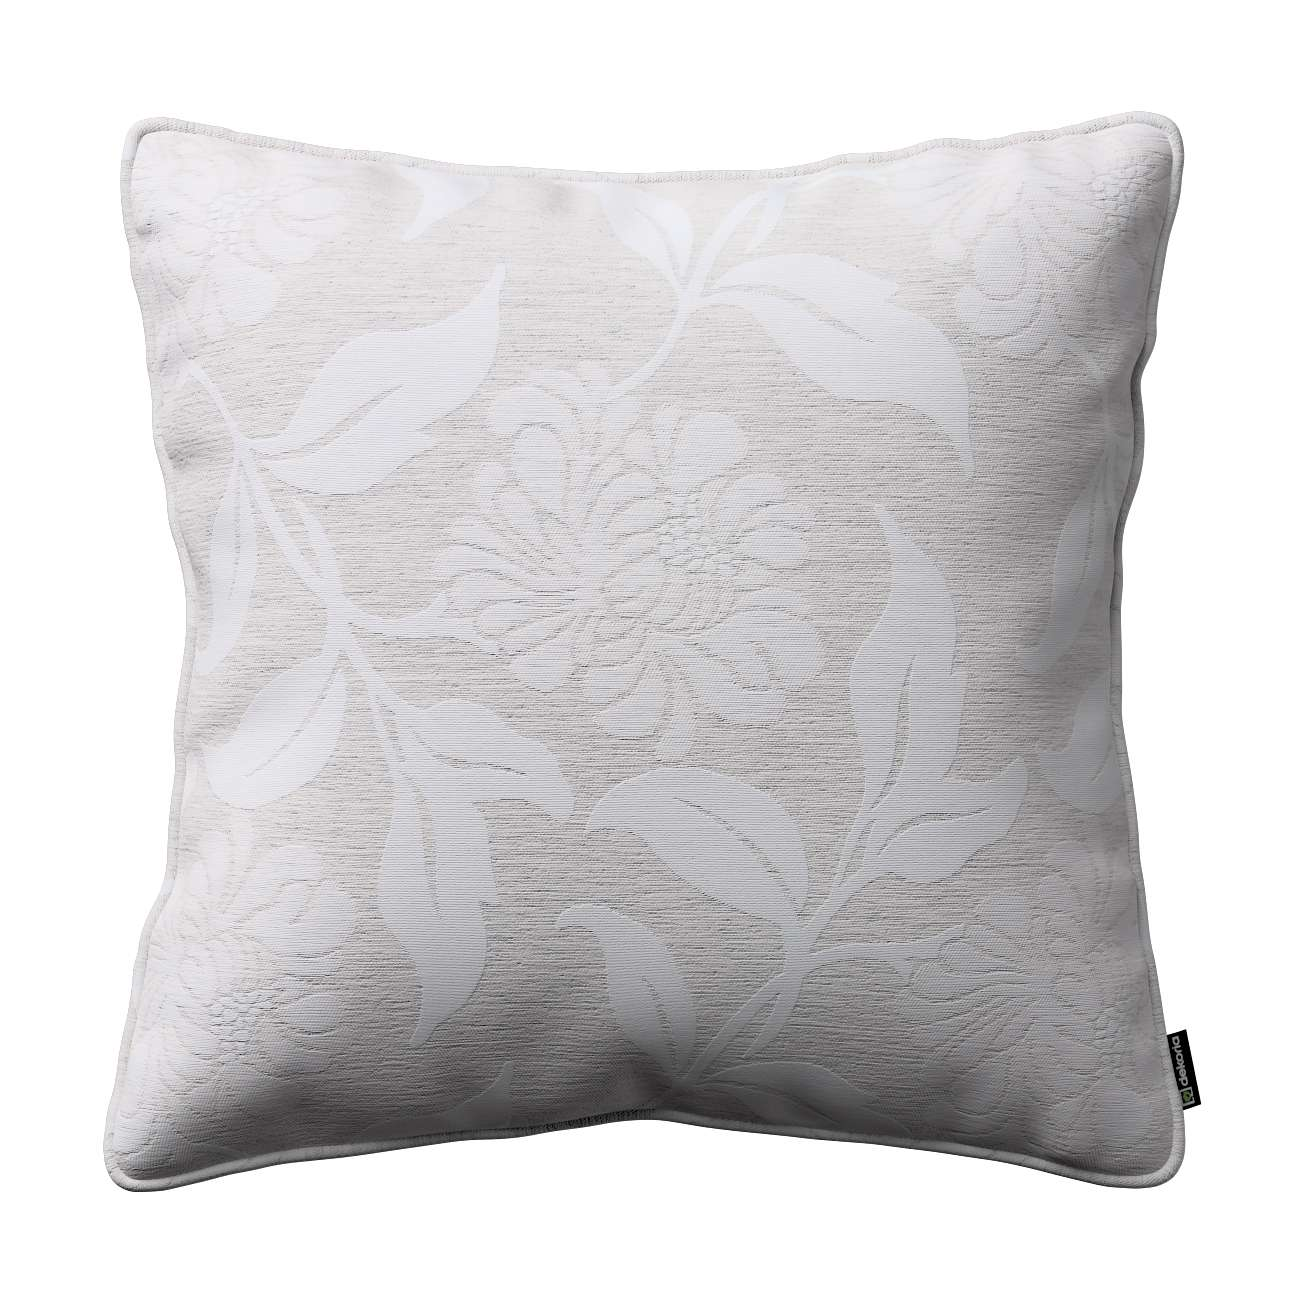 Poszewka Gabi na poduszkę 45 x 45 cm w kolekcji Venice, tkanina: 140-51